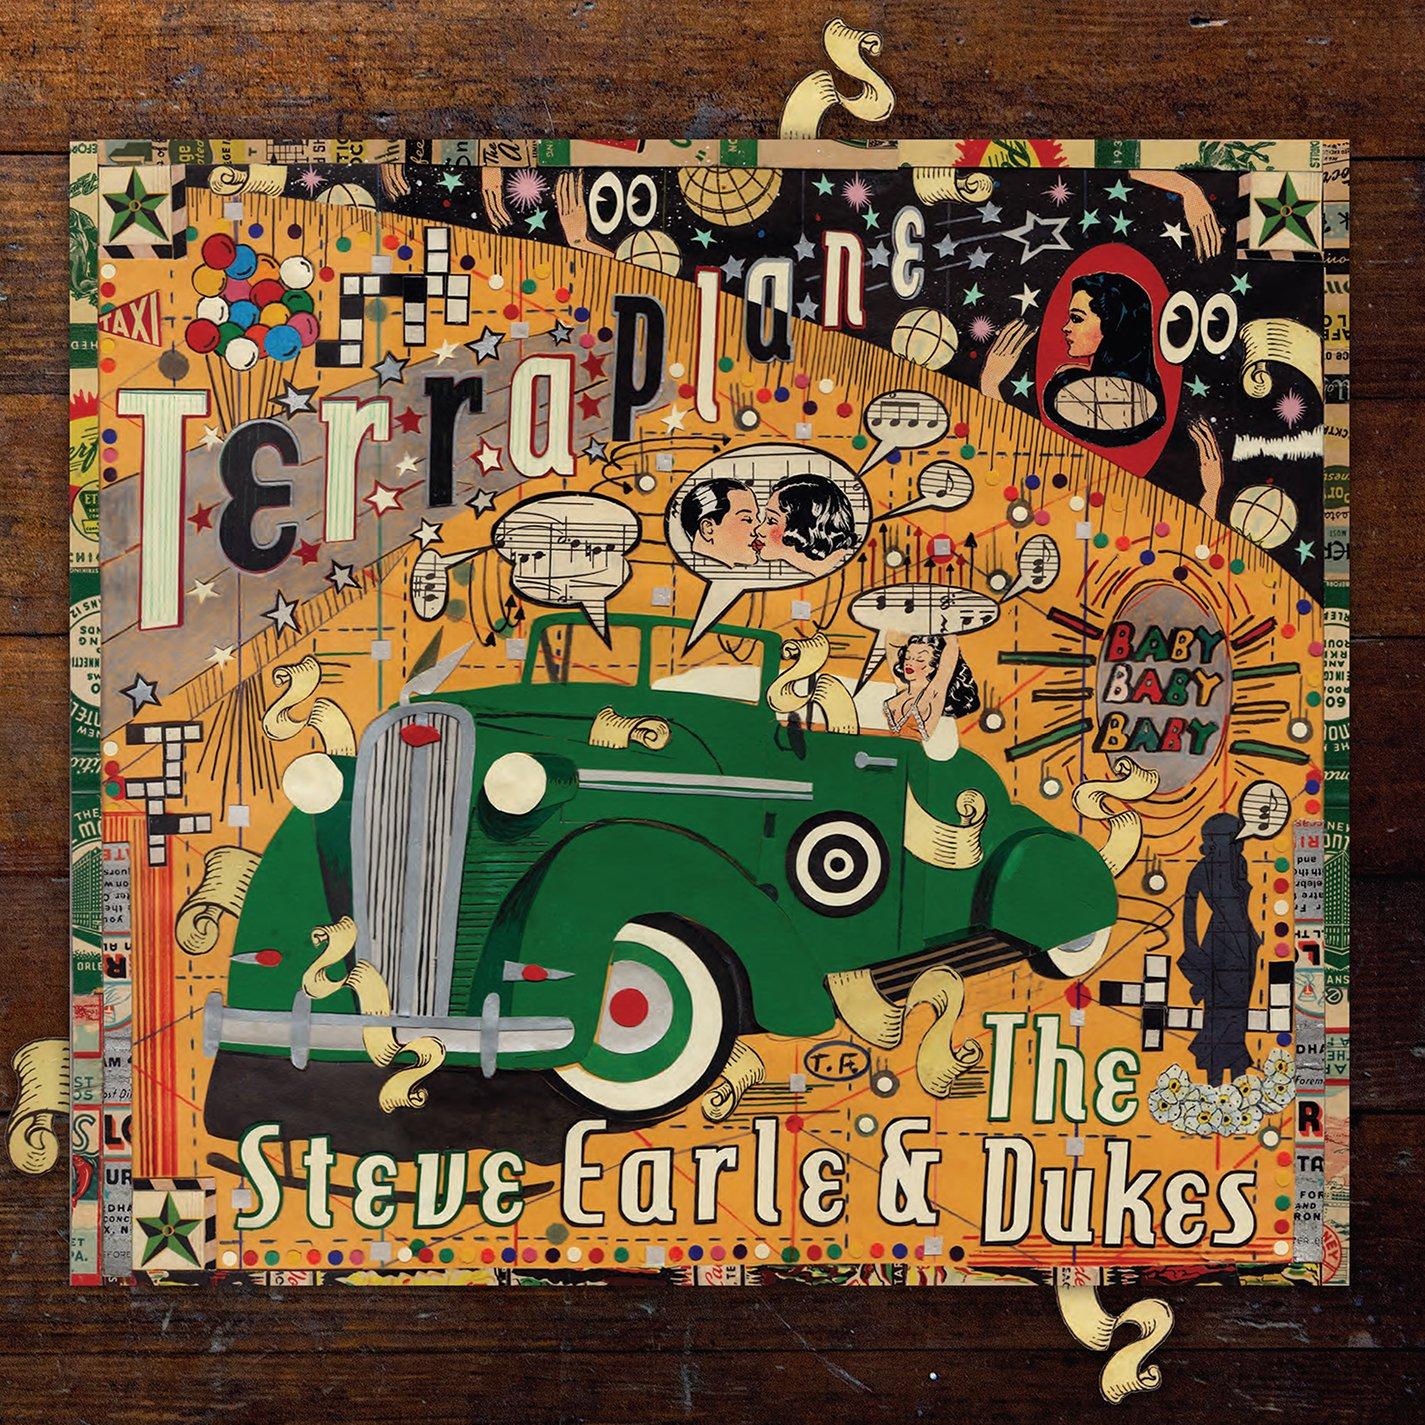 ¡Larga vida al CD! Presume de tu última compra en Disco Compacto - Página 18 91rgOrB2ixL._SL1425_